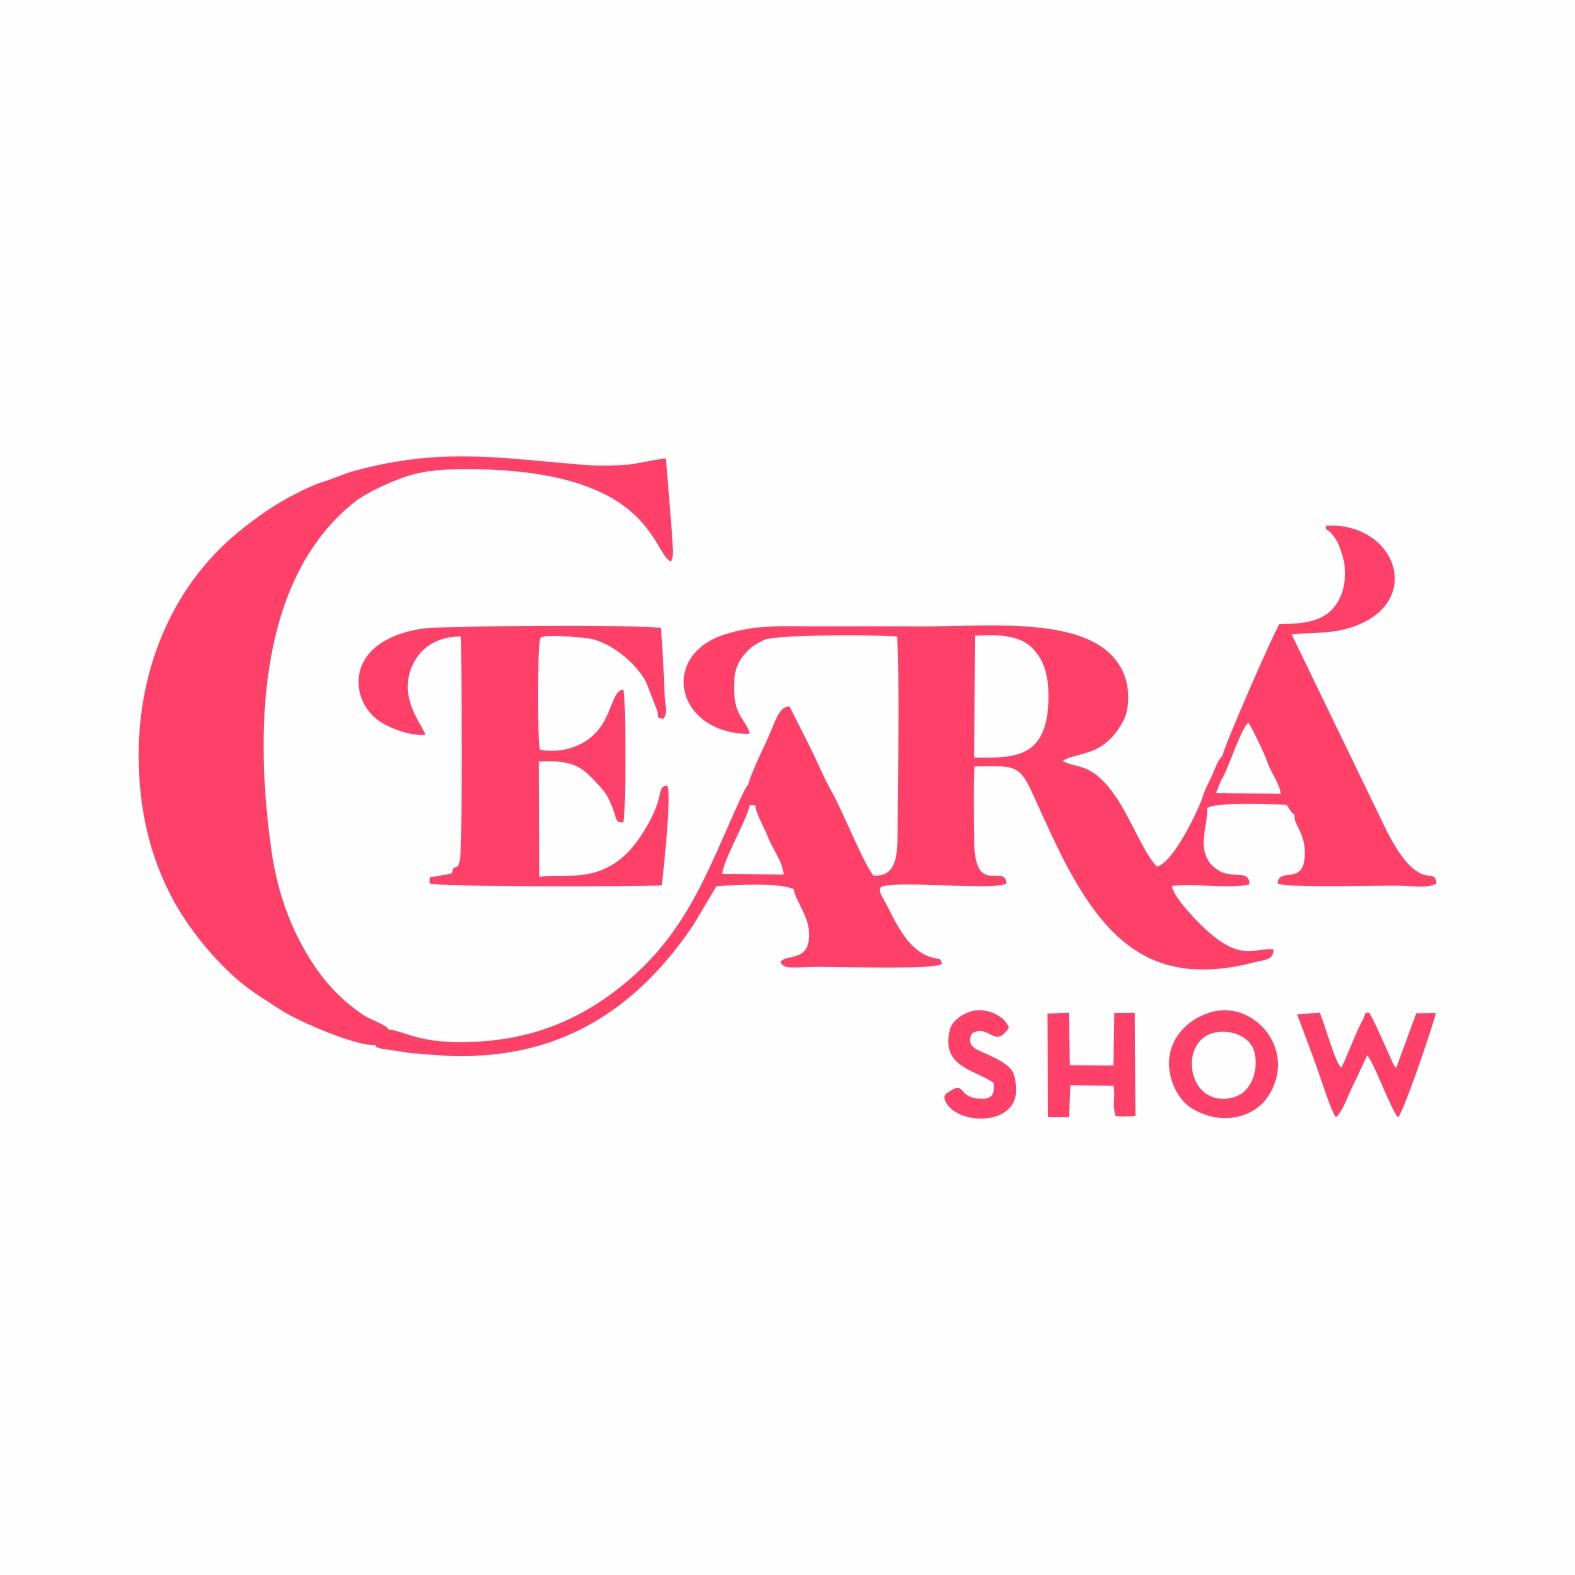 Ceará Show